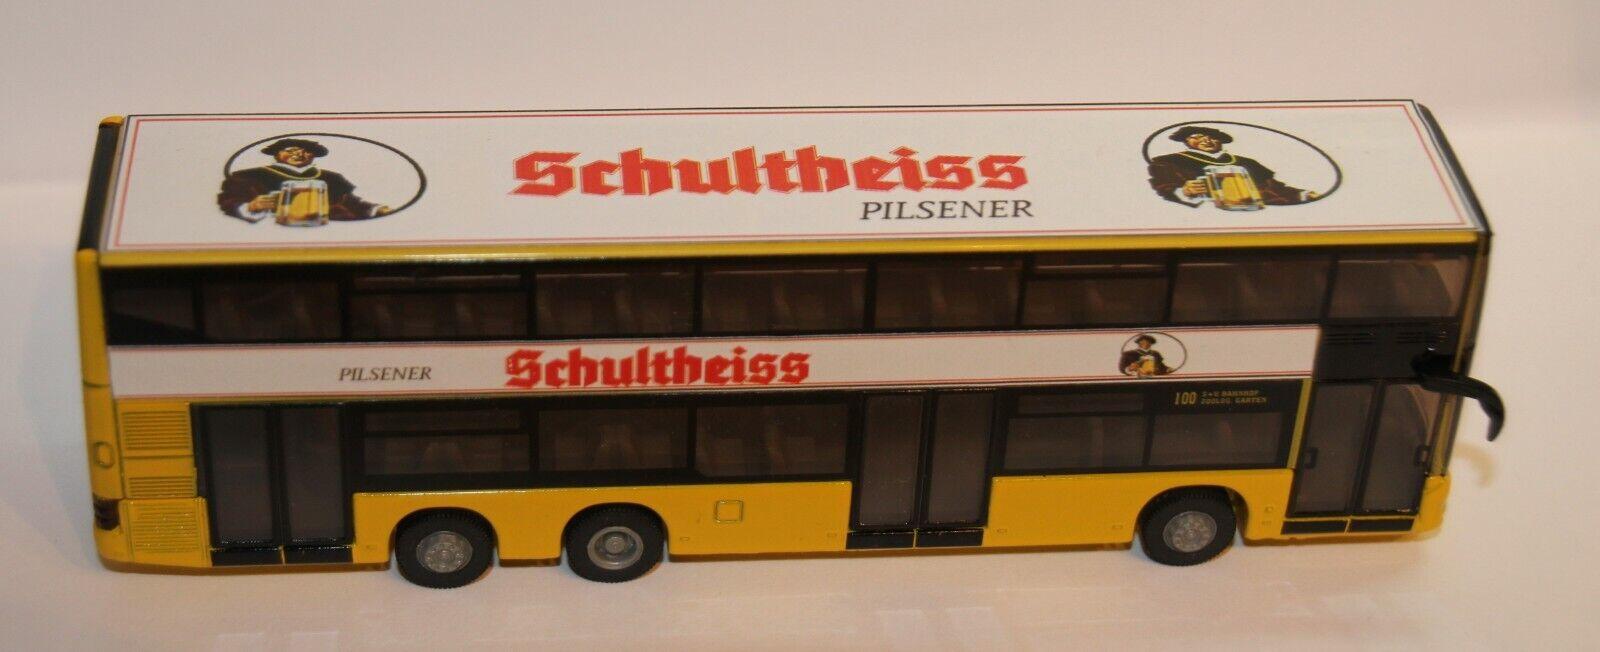 BVG autobús con Schultheiss publicidad m 1 87